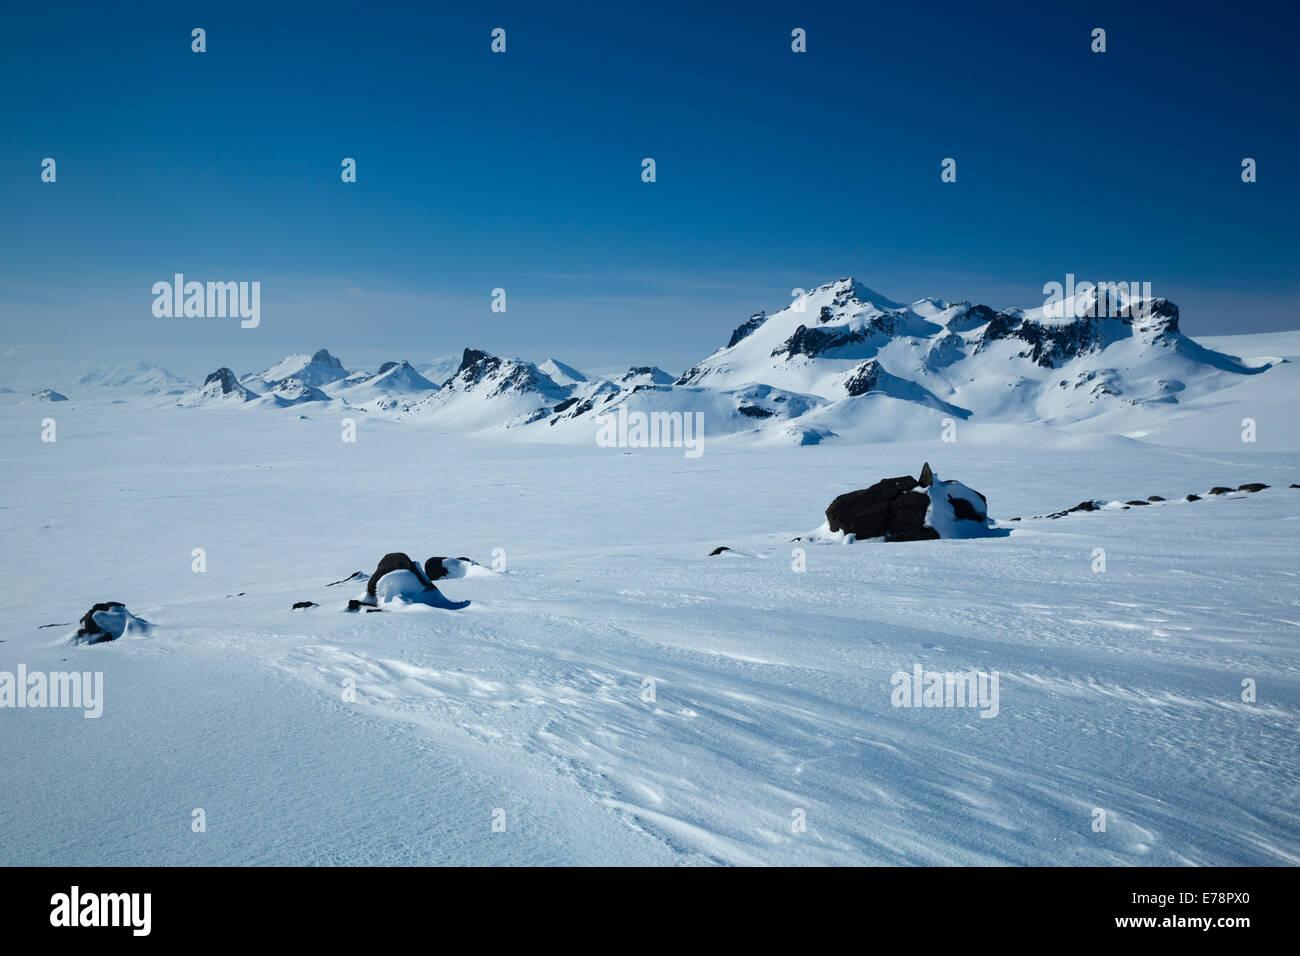 The Langjökull glacier, Iceland - Stock Image